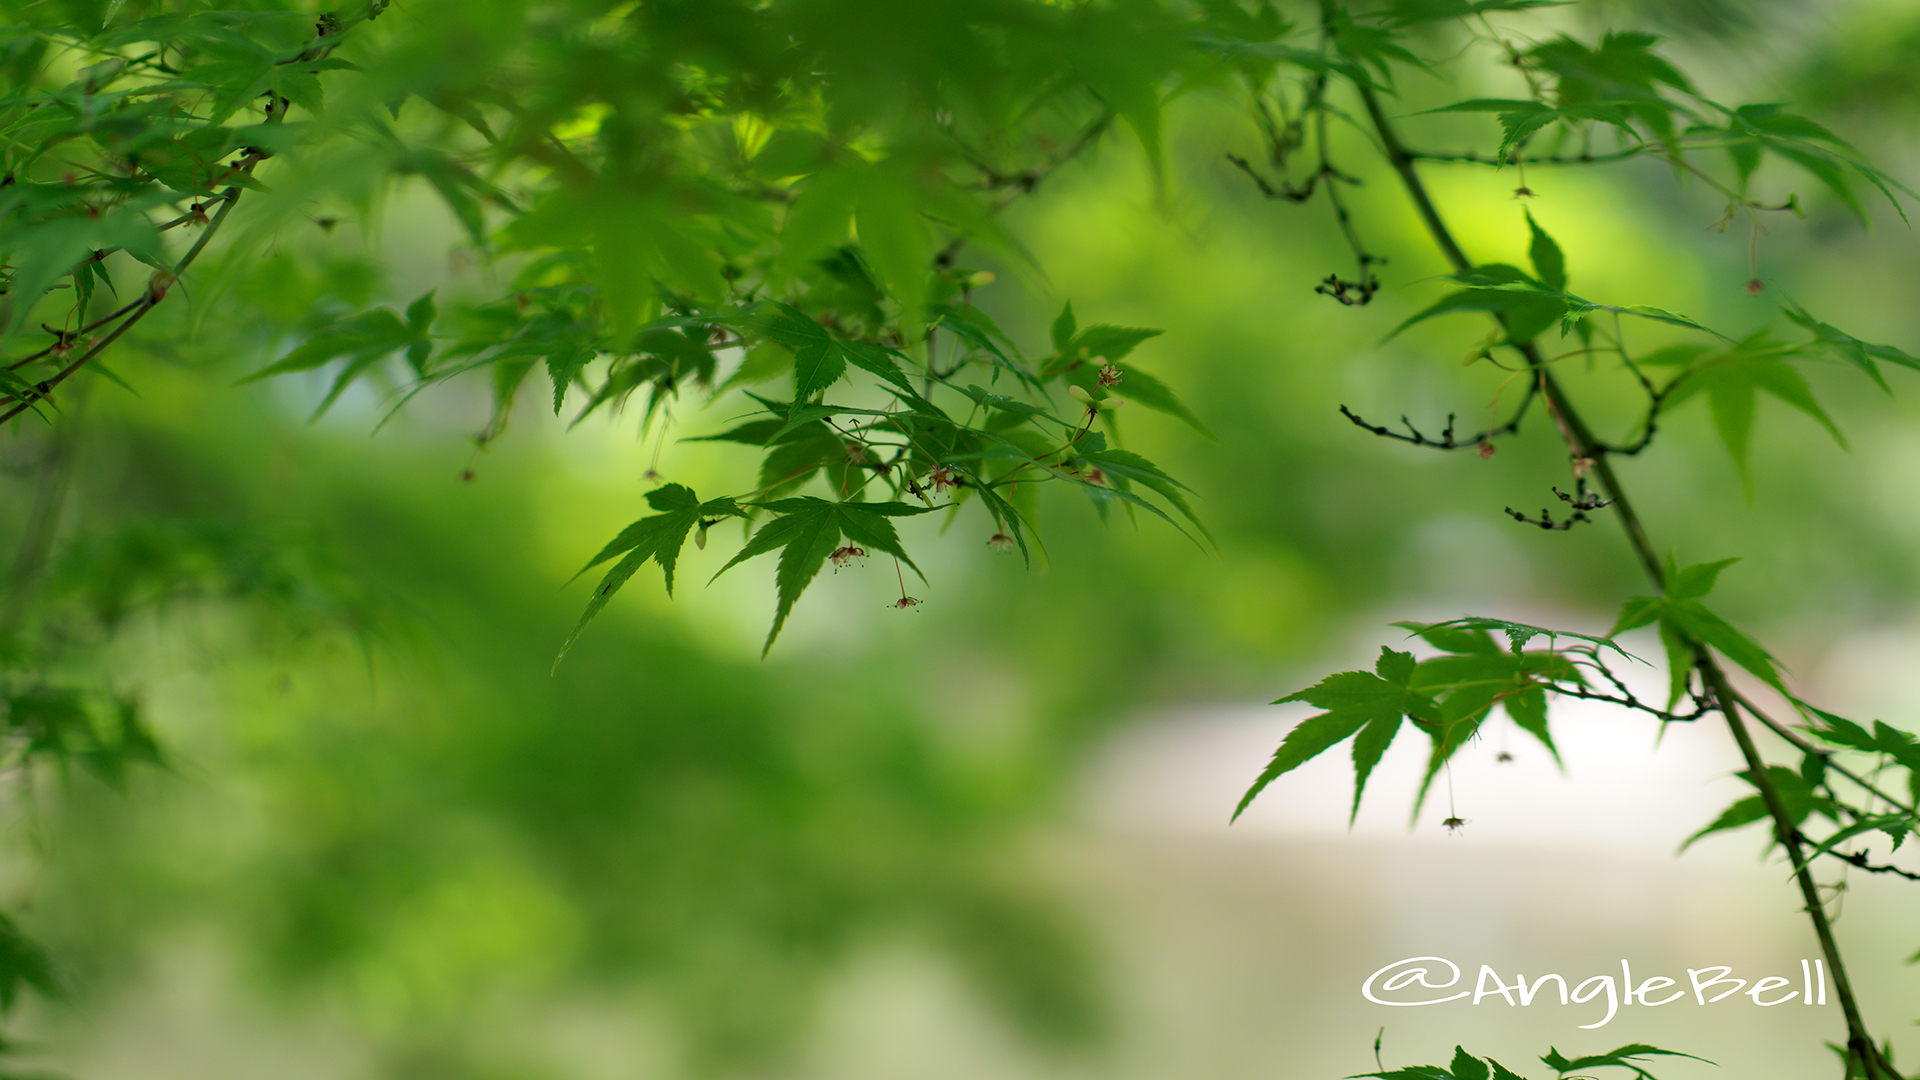 カエデ 楓(花) Flower Photo8